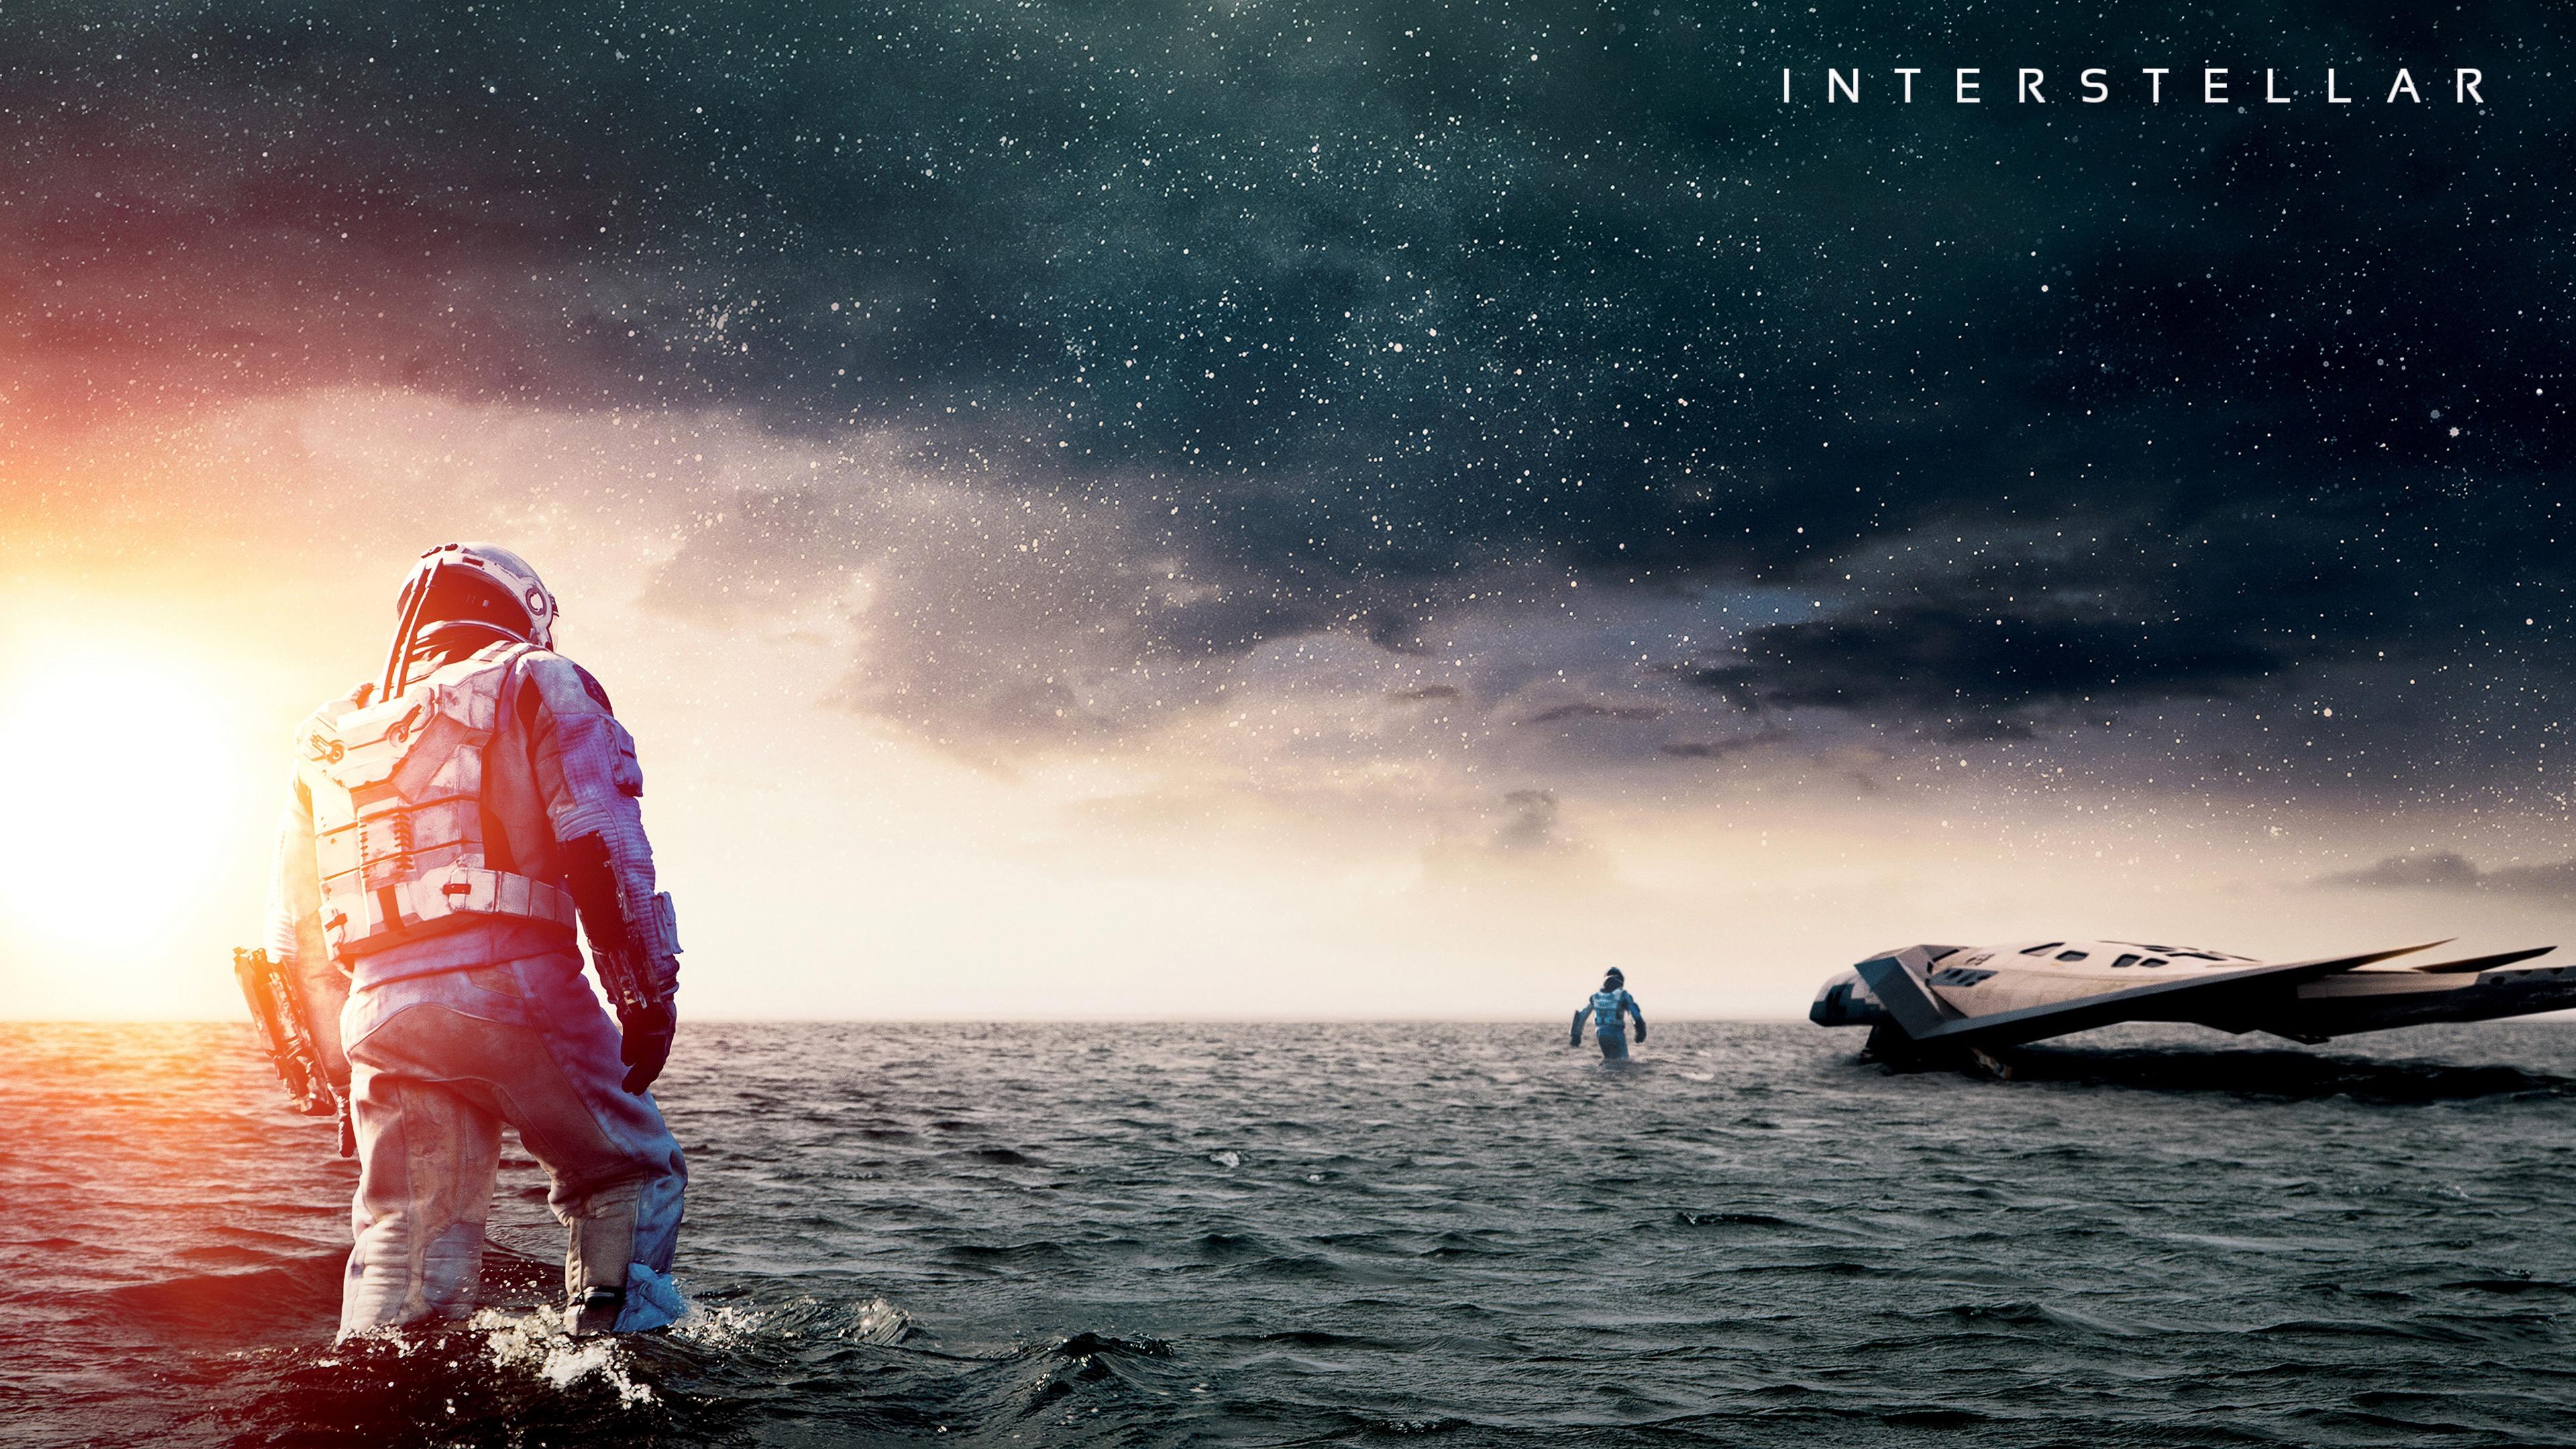 Interstellar-marathipizza